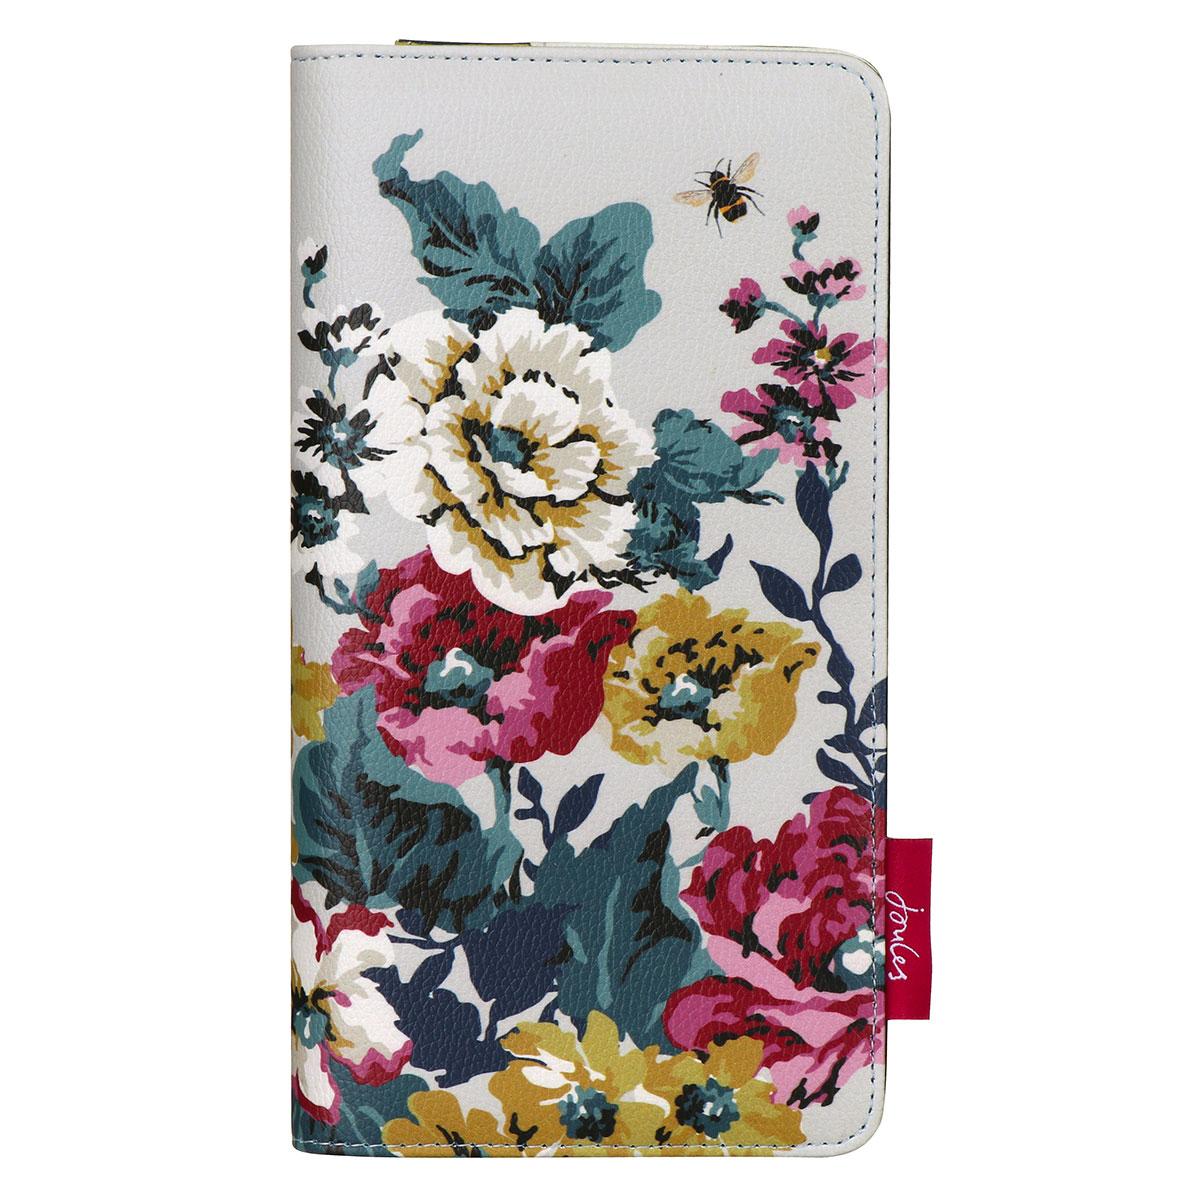 Joules Cambridge Floral Travel Wallet